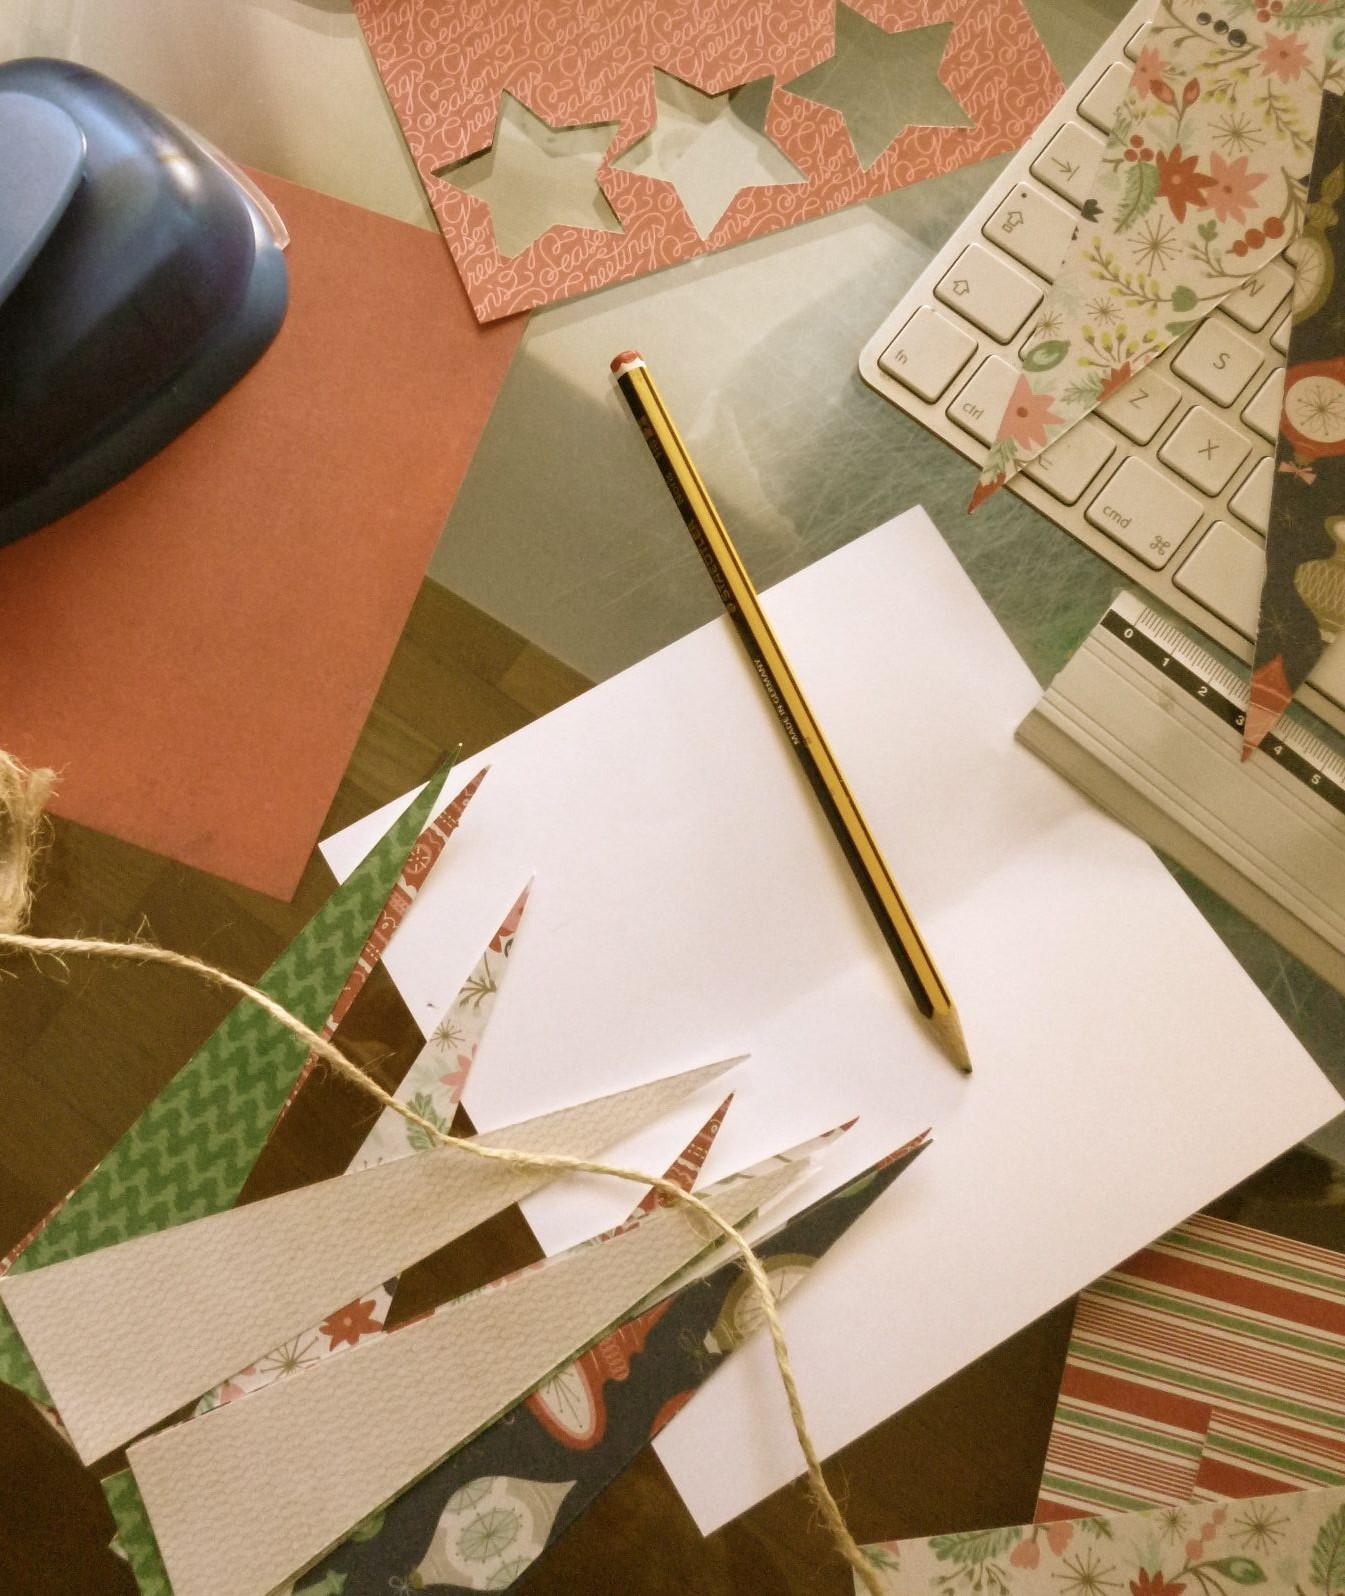 Elaboración de las guirnaldas Merry Xmas hechas a mano por 100% made with love con papel de scrap navideño.